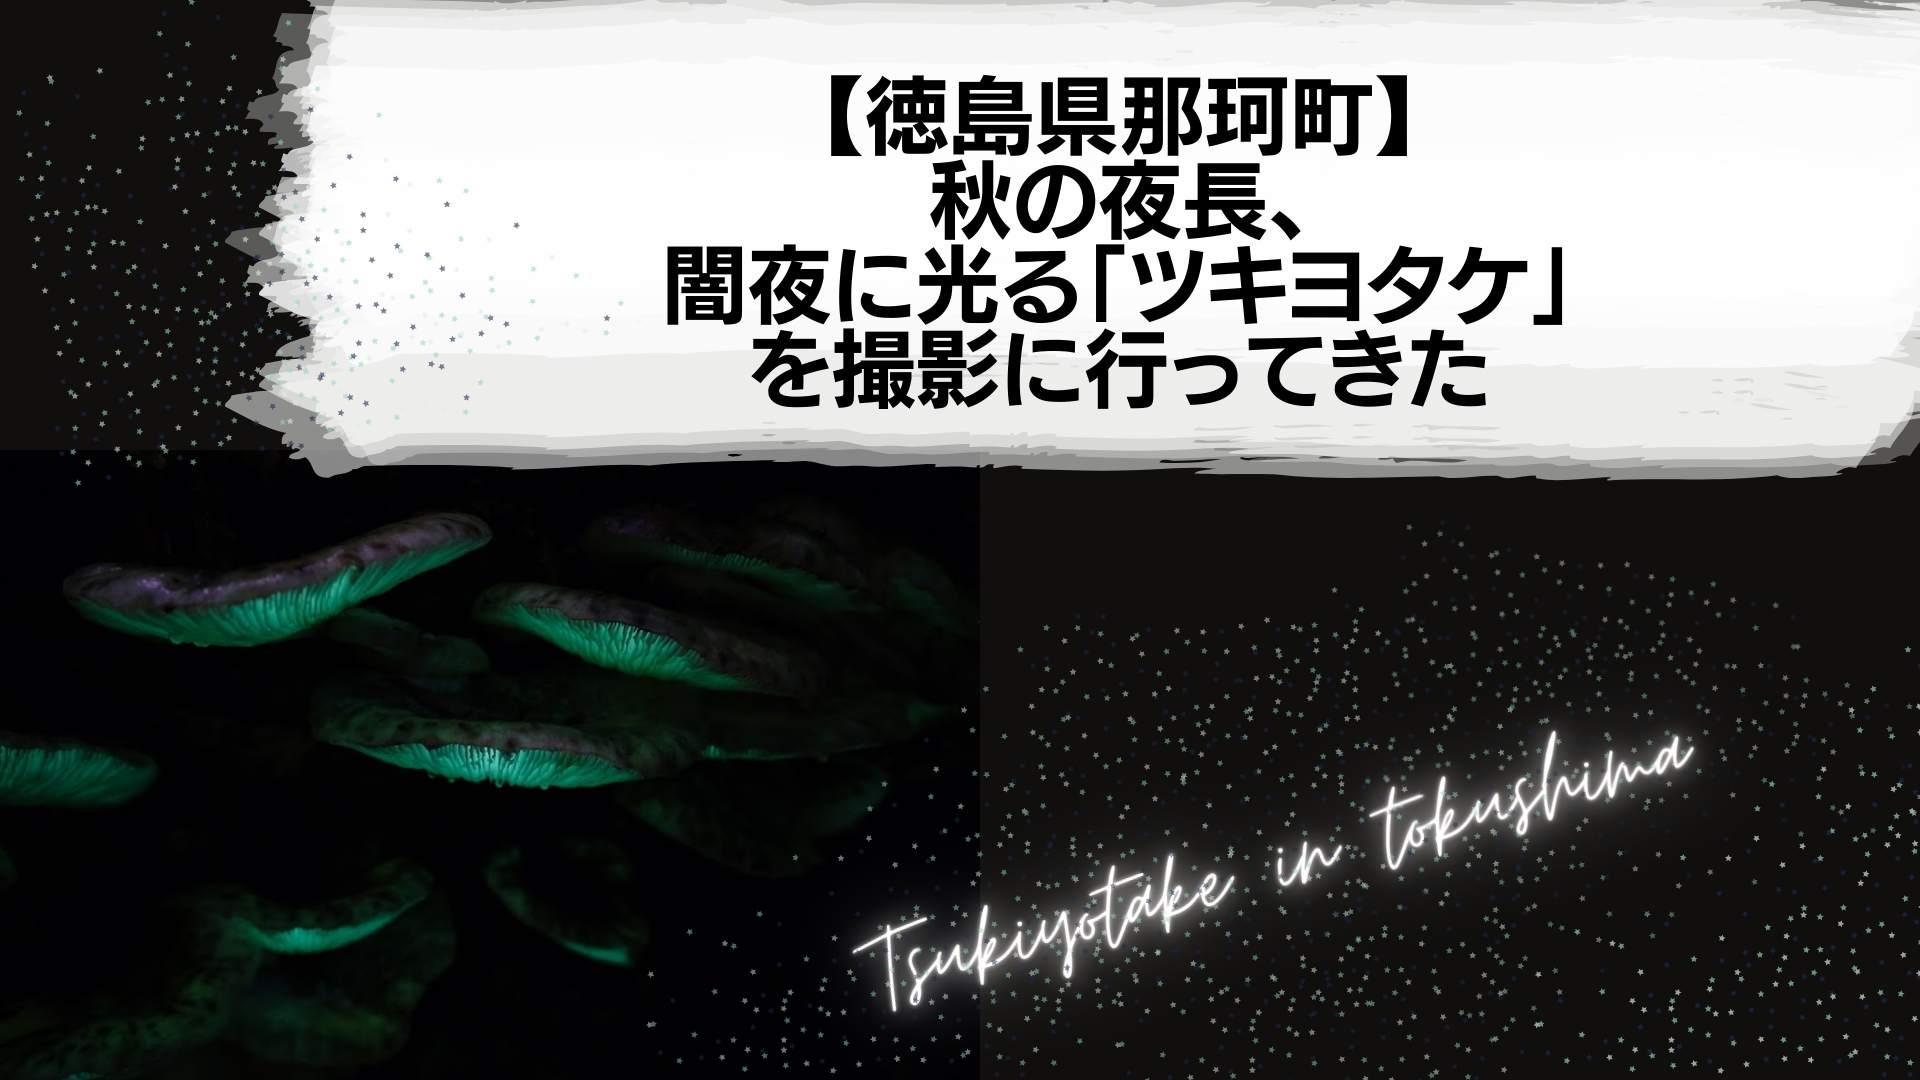 【徳島県那珂町】 秋の夜長、 闇夜に光る「ツキヨタケ」 を撮影に行ってきた